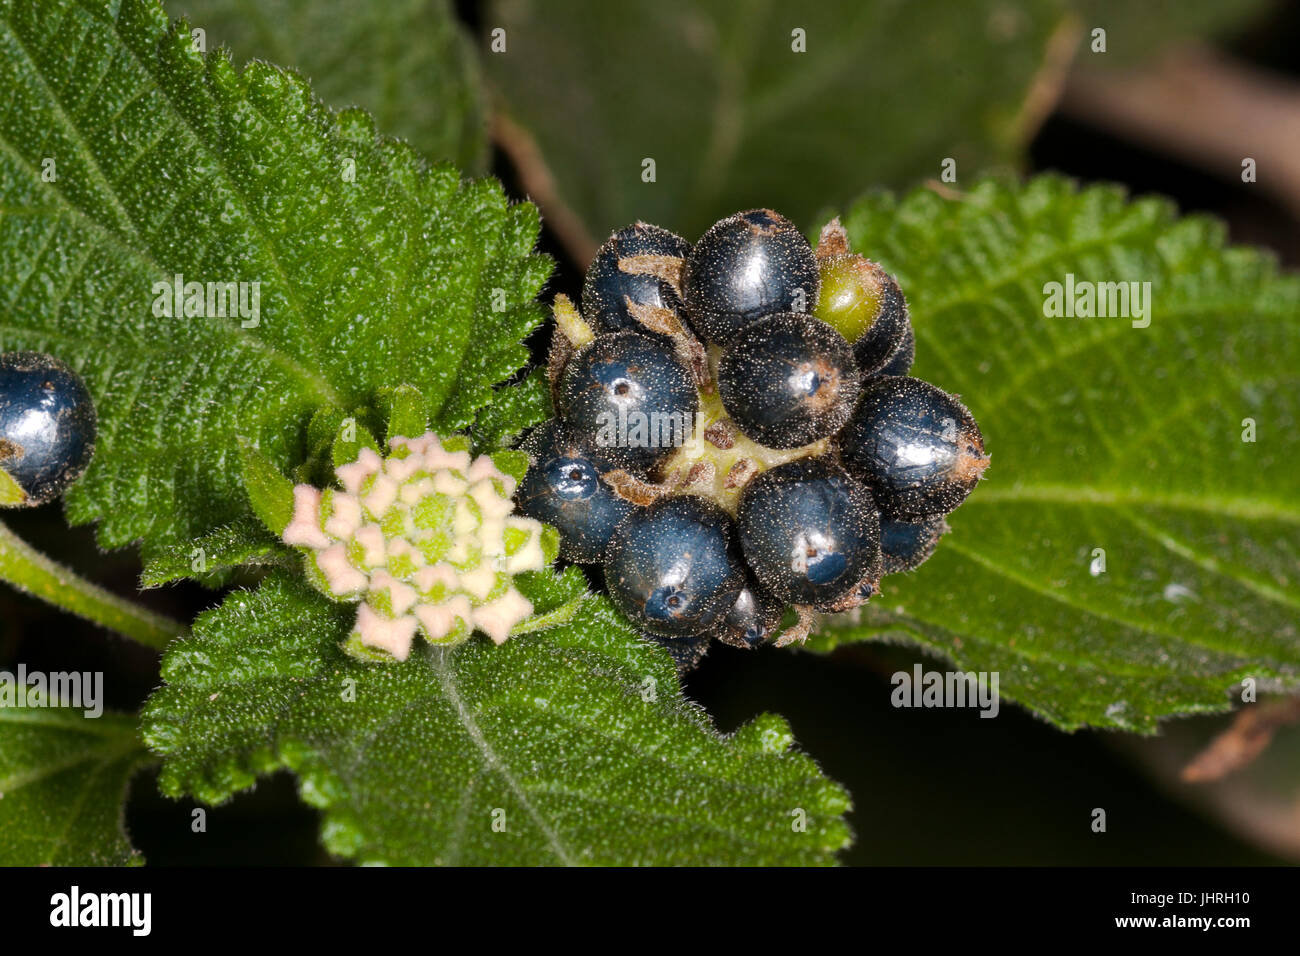 Lantana seeds and buds - Stock Image